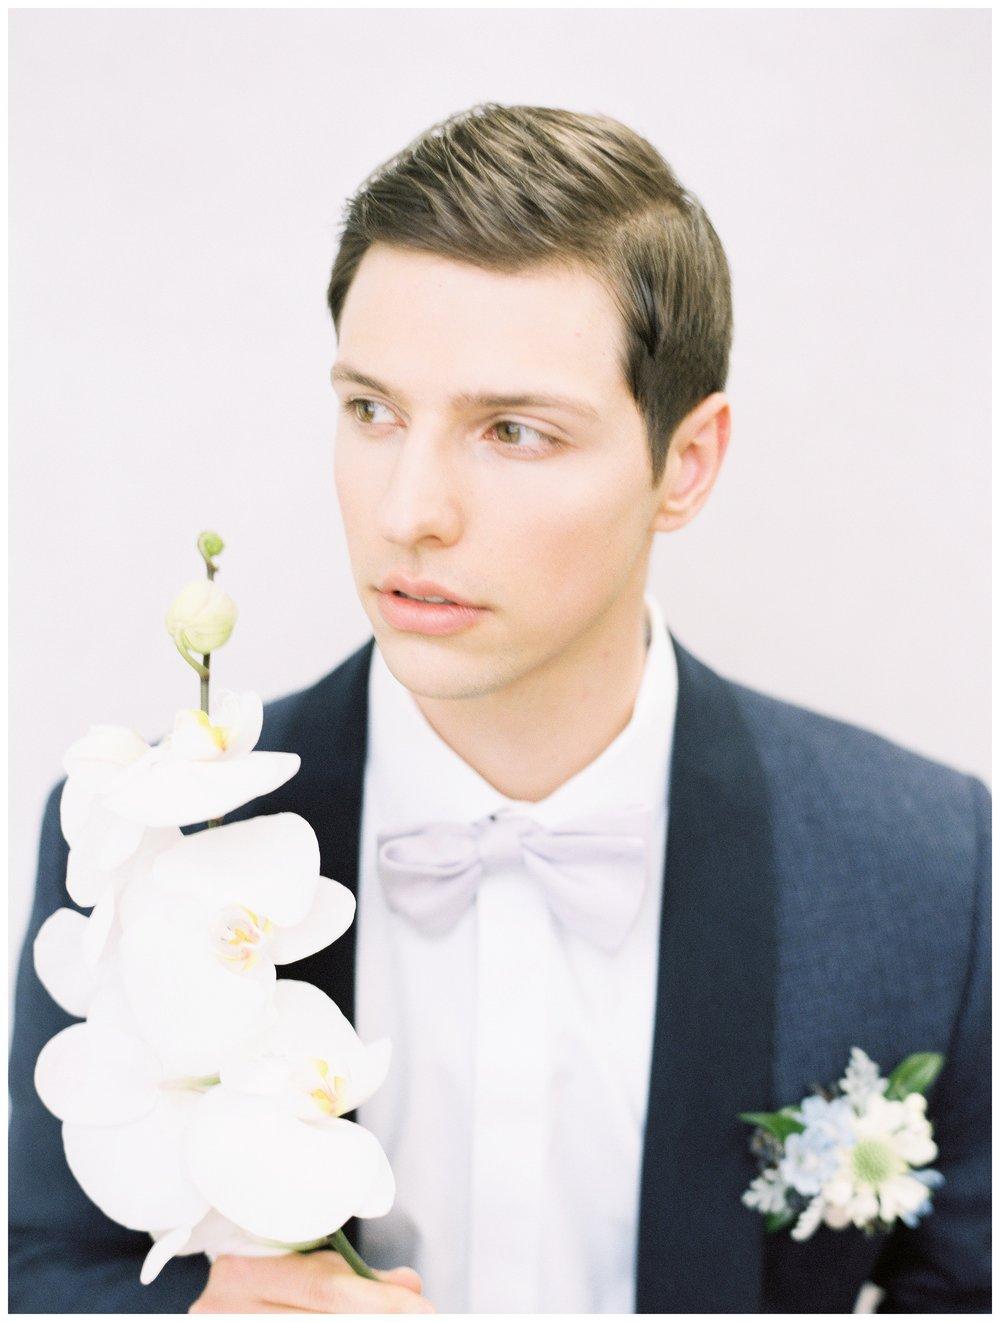 2020_Wedding_Trends_Pantone_0106.jpg